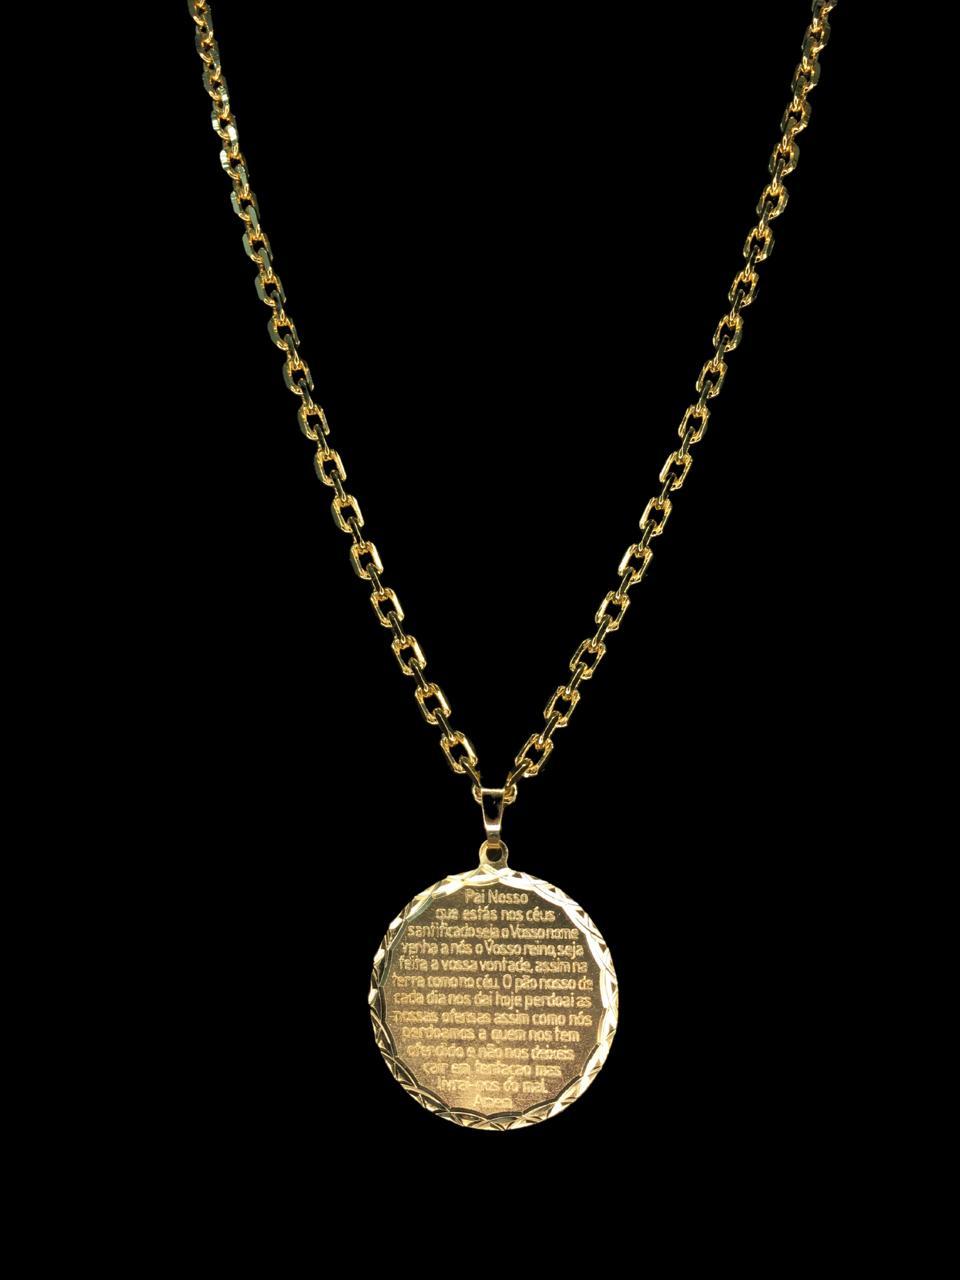 Kit Corrente cartie de 3 milímetros  70 centímetros  Com Pingente mandala oração pai nosso  Banhados a Ouro 18k